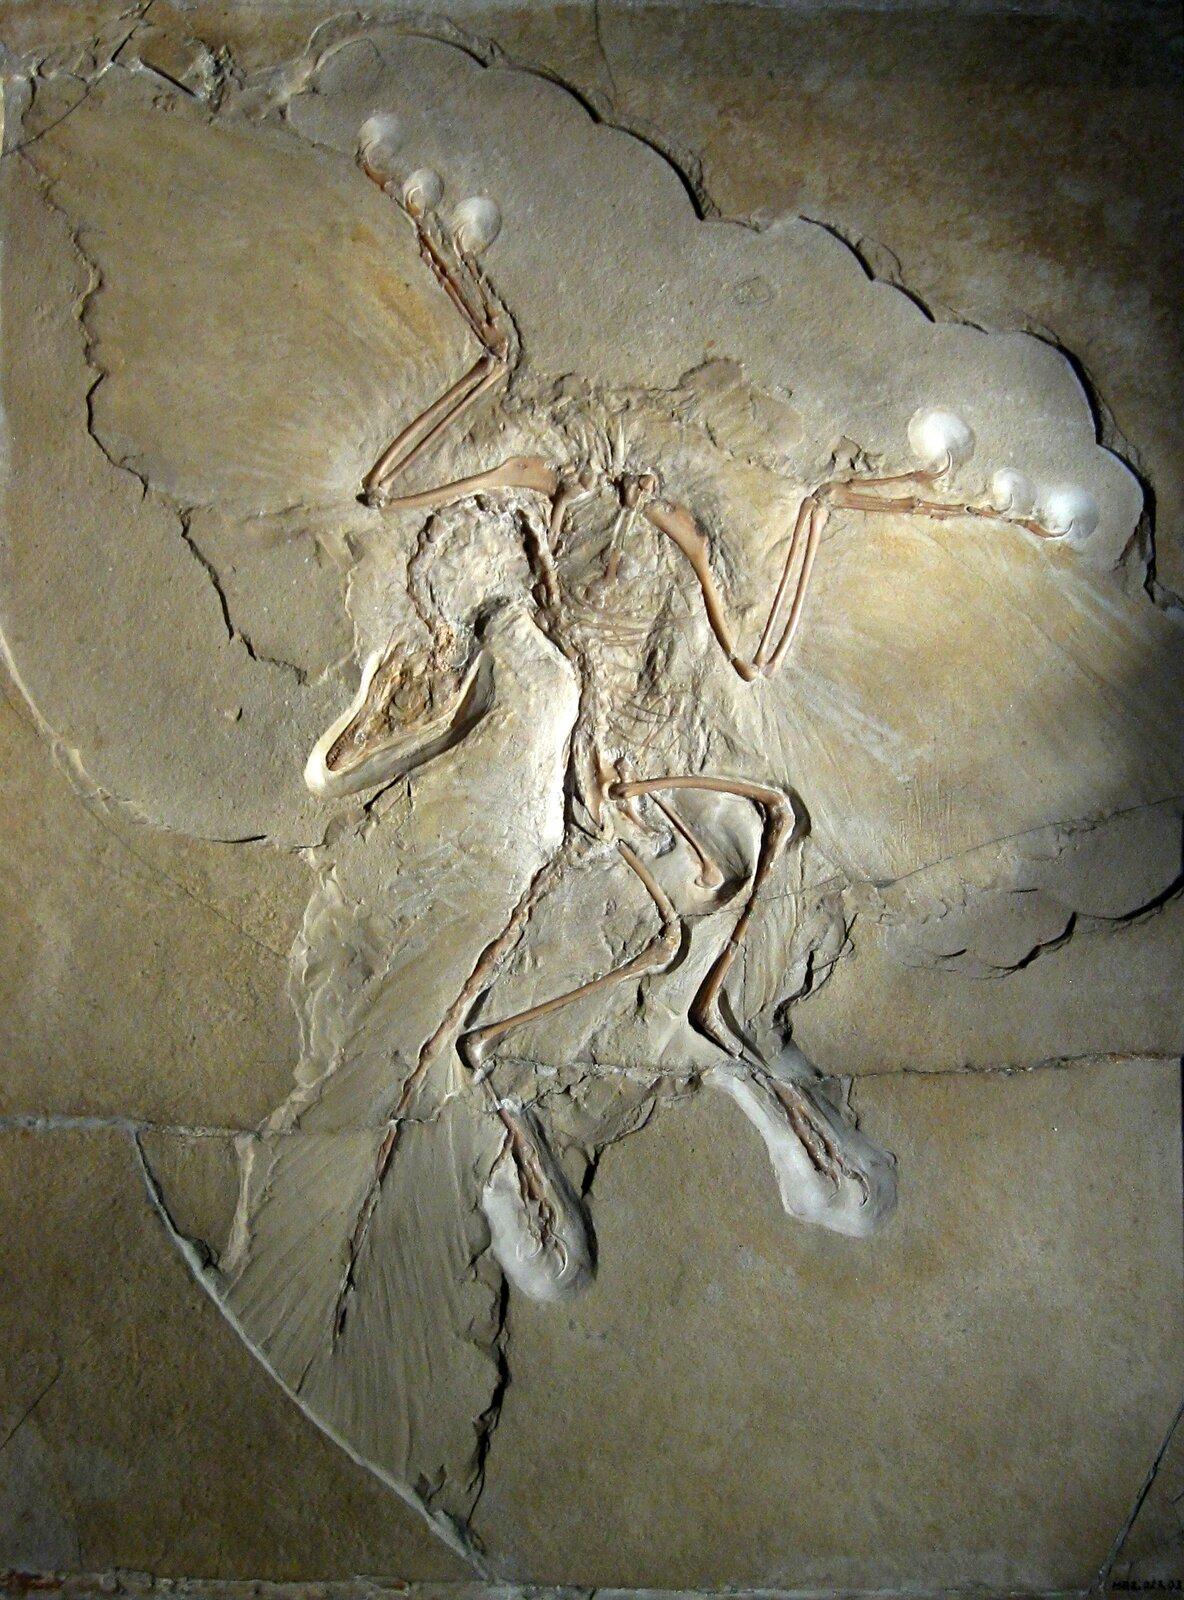 Fotografia przedstawia odcisk praptaka wszaro- żółtej skale. Ugóry znajdują się zarysy skrzydeł: piór ikości. Zlewej wdół ukosem trójkątna czaszka na długiej, cienkiej szyi. Pod nią odcisk pierzastego ogona. Obok odciski kości kończyn dolnych.